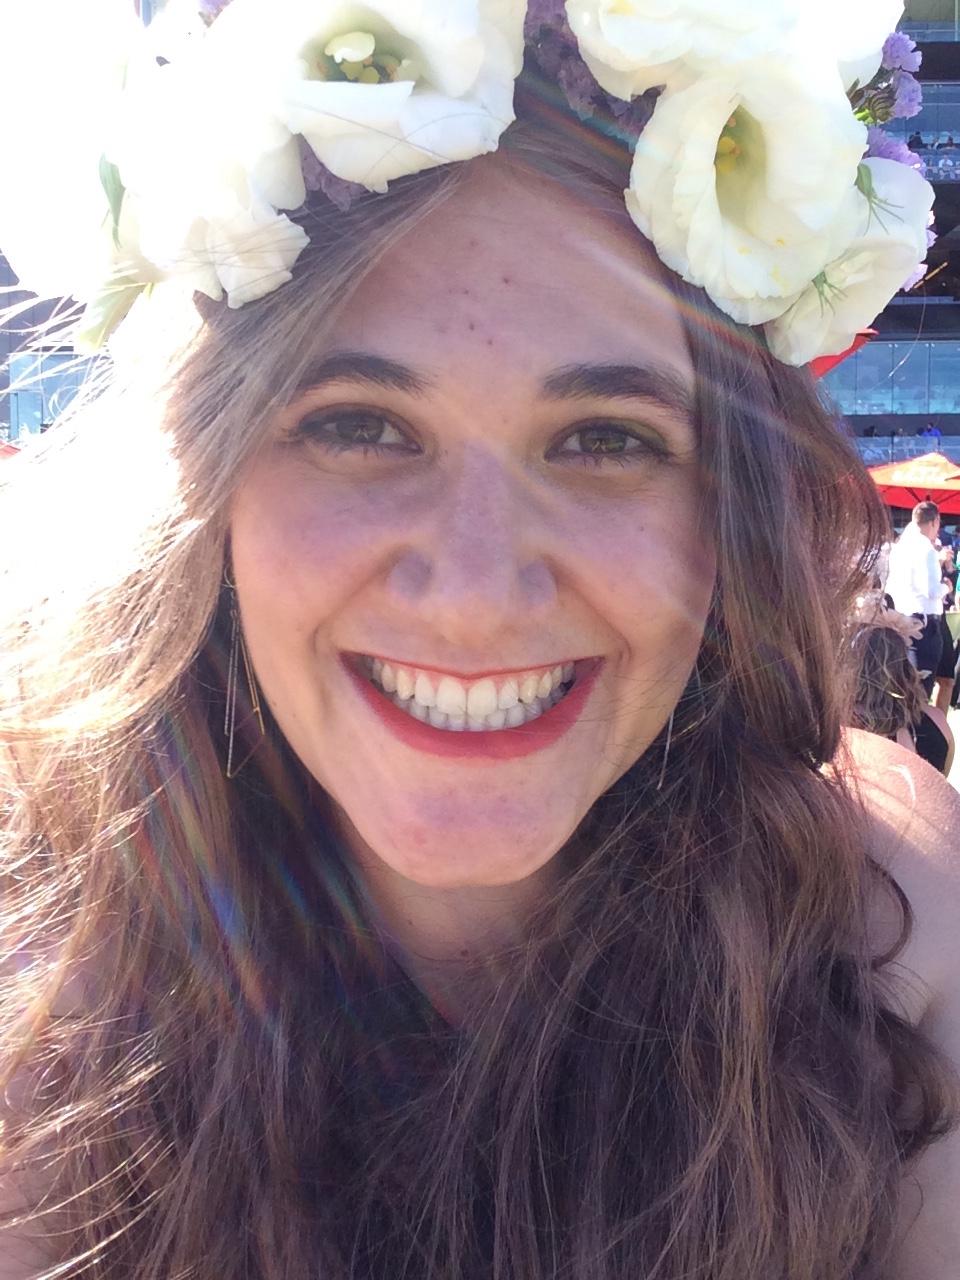 Tricia's profile picture